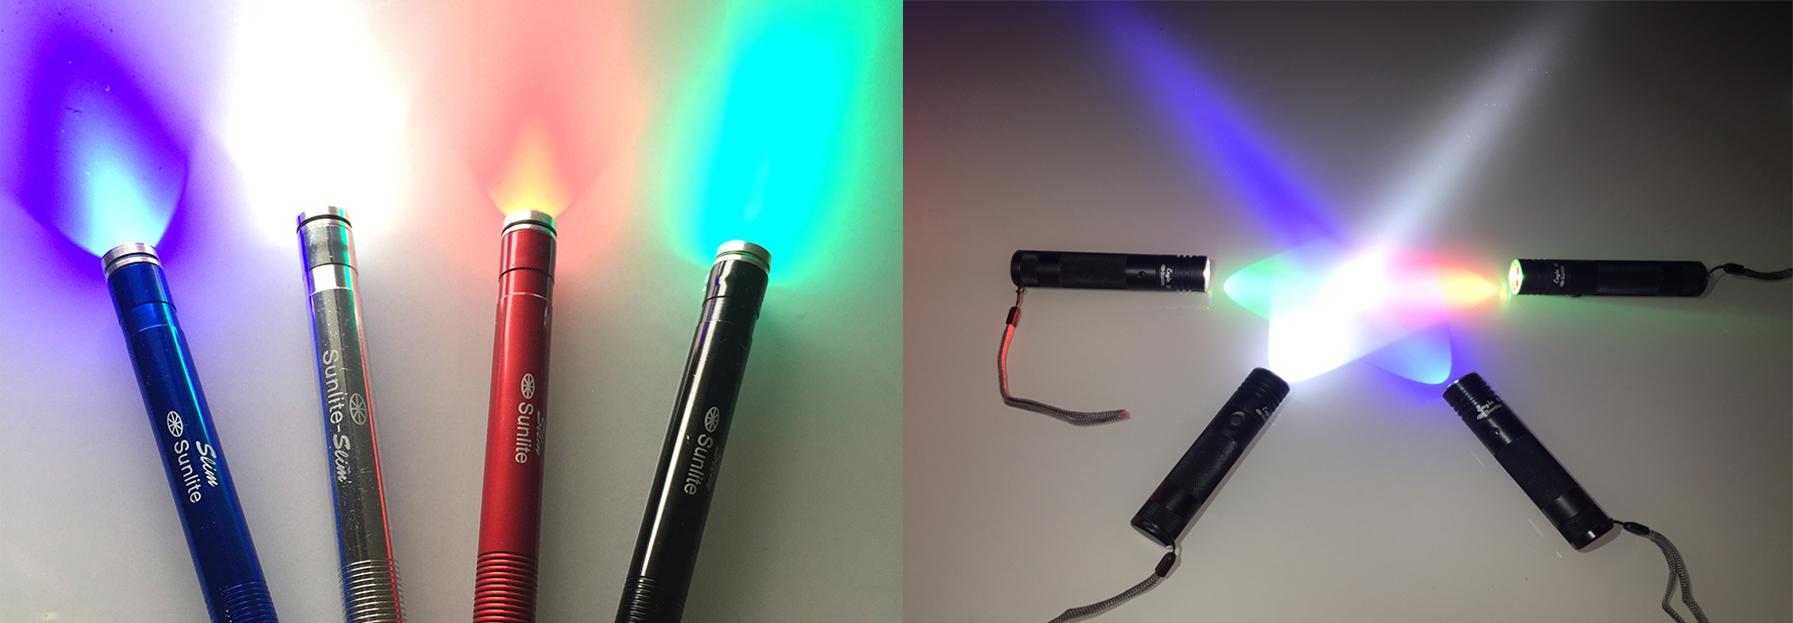 Flashlight Image 7